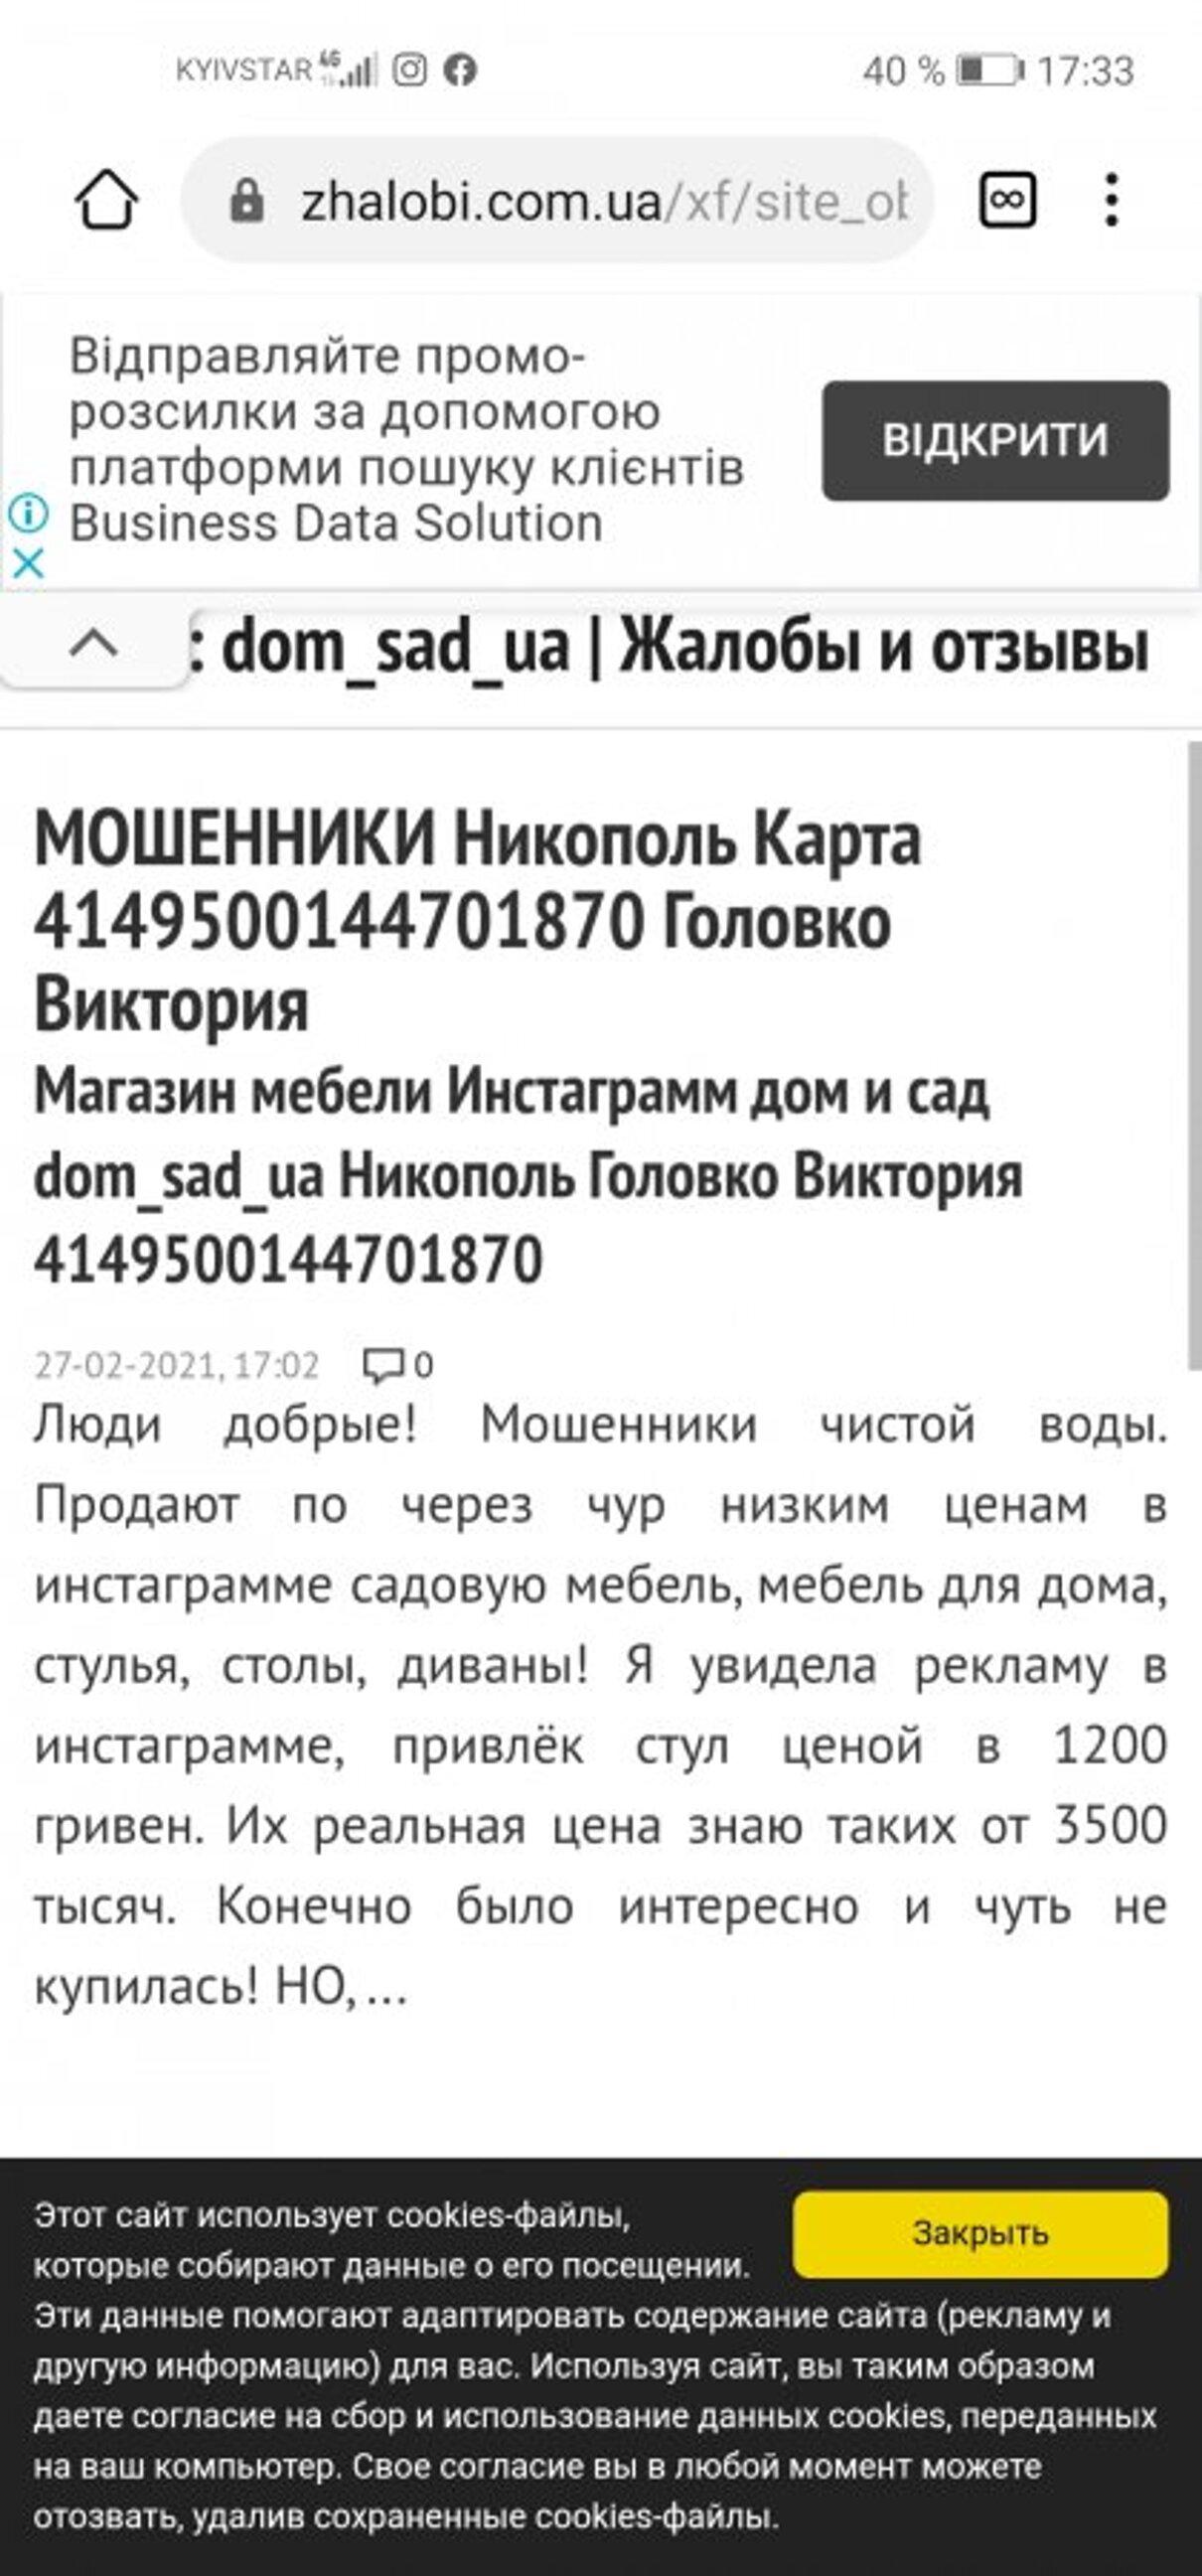 Жалоба-отзыв: Dom_sad_ua-сайт - МОШЕННИКИ!!!!!!!.  Фото №2